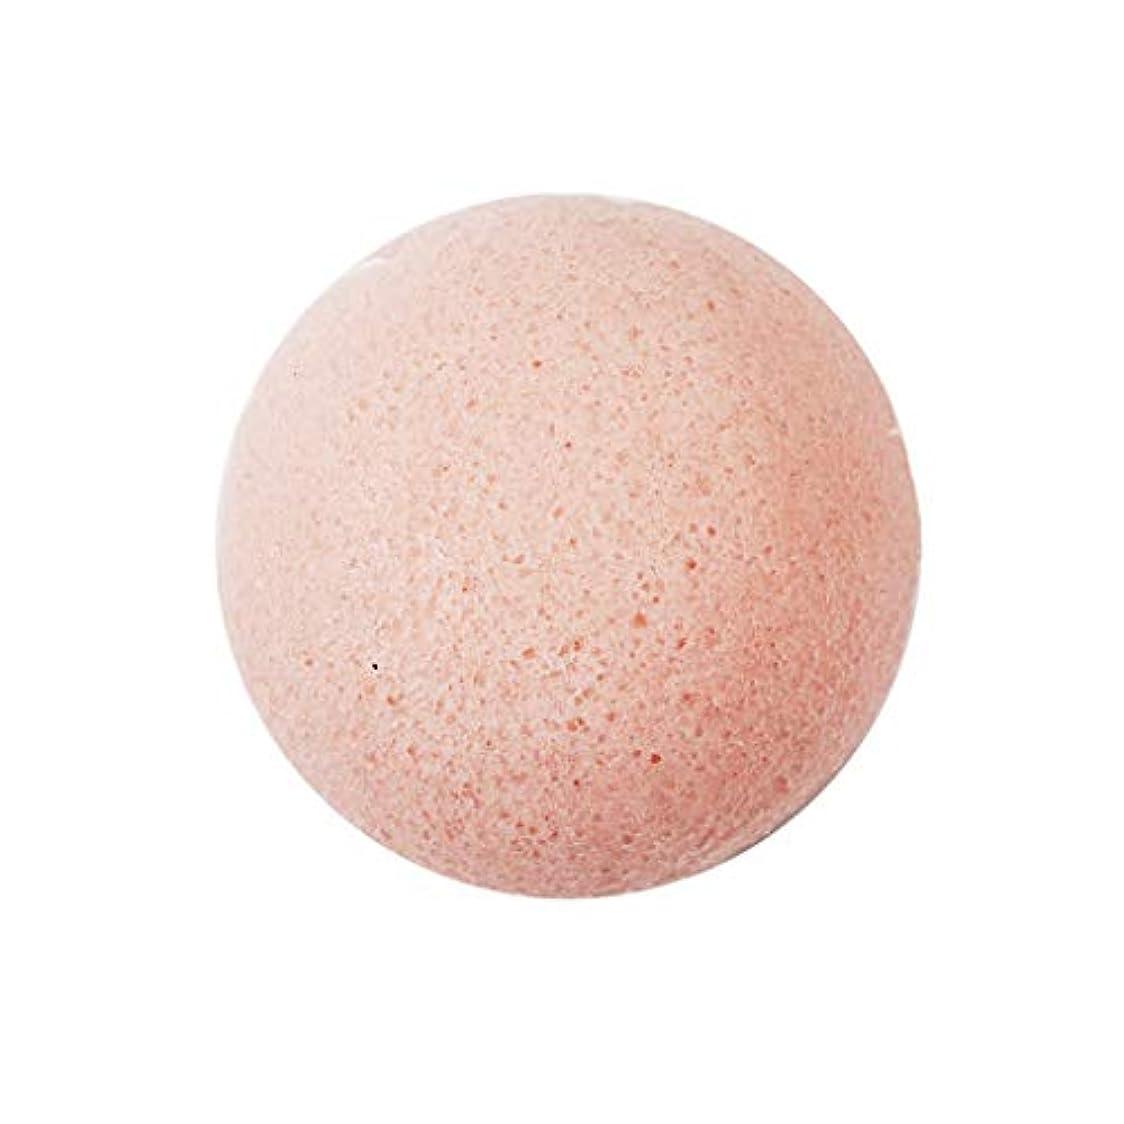 魅力的であることへのアピール被害者カウンタD DOLITY こんにゃく フェイシャルスポンジ 洗顔用 パフ フェイススポンジ マッサージ 汚れ 油 - ピンク